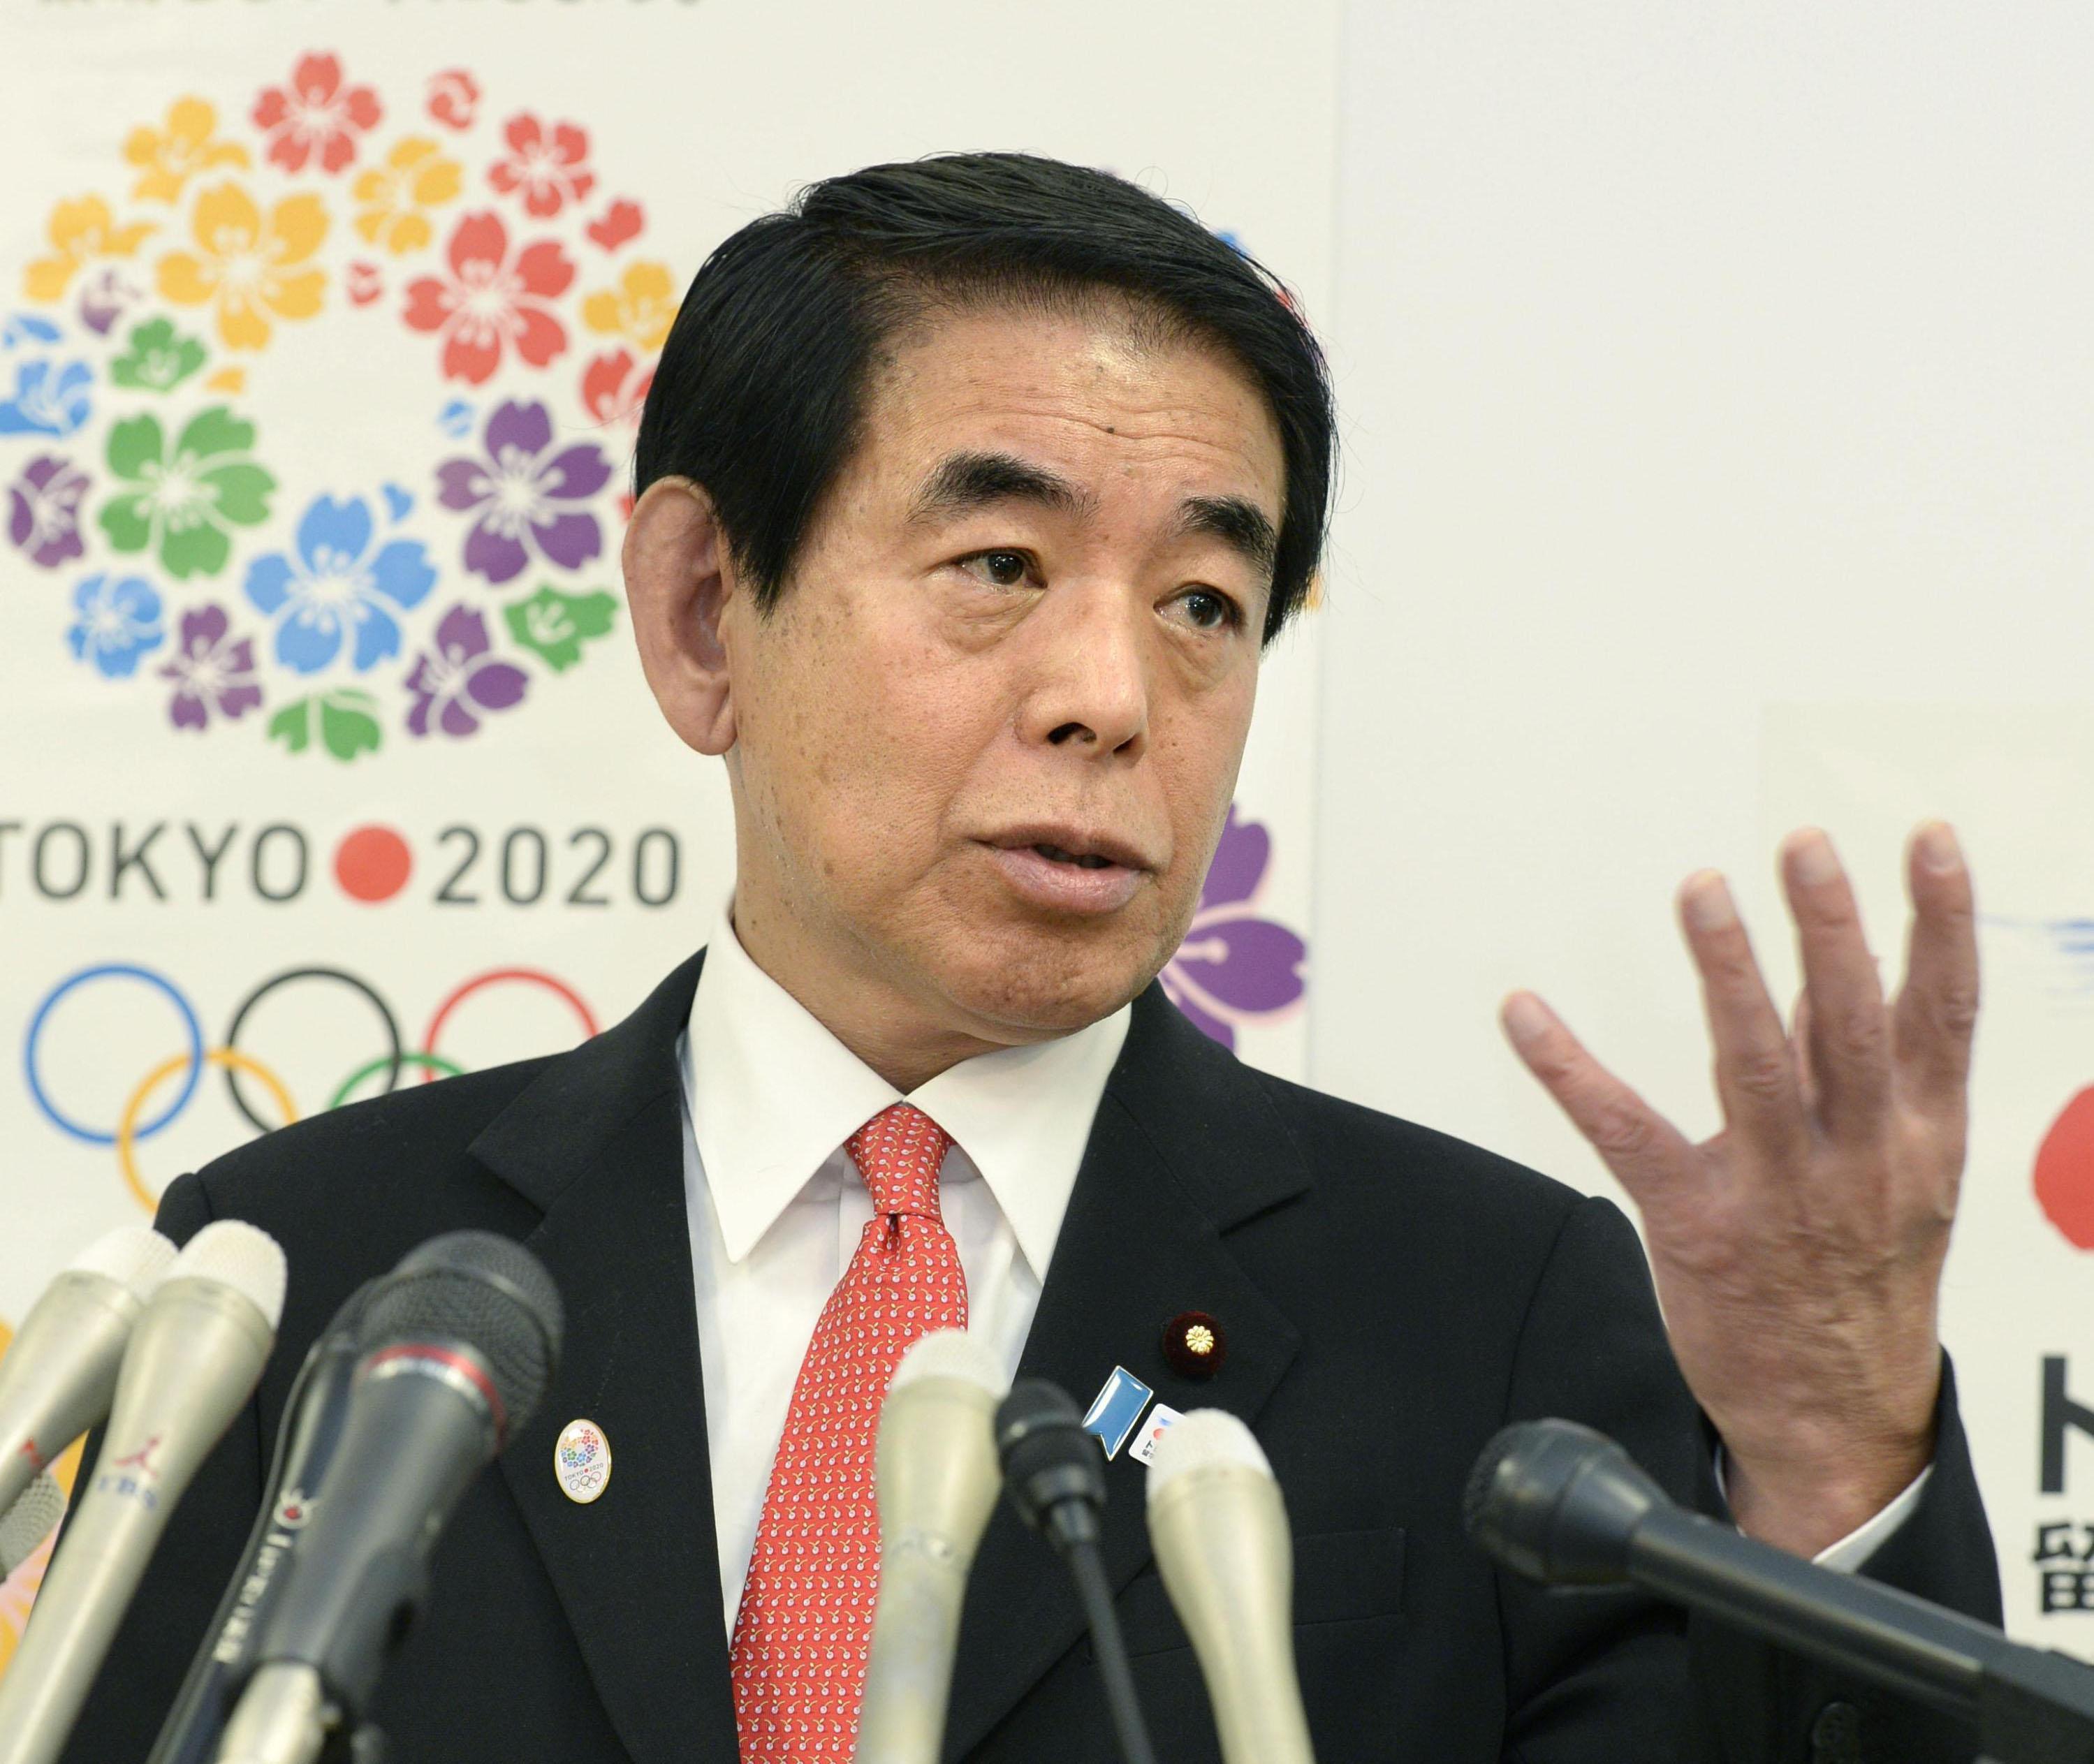 Yaponiya Tokio-2020 üçün möhtəşəm stadionun inşasında tərəddüd edir